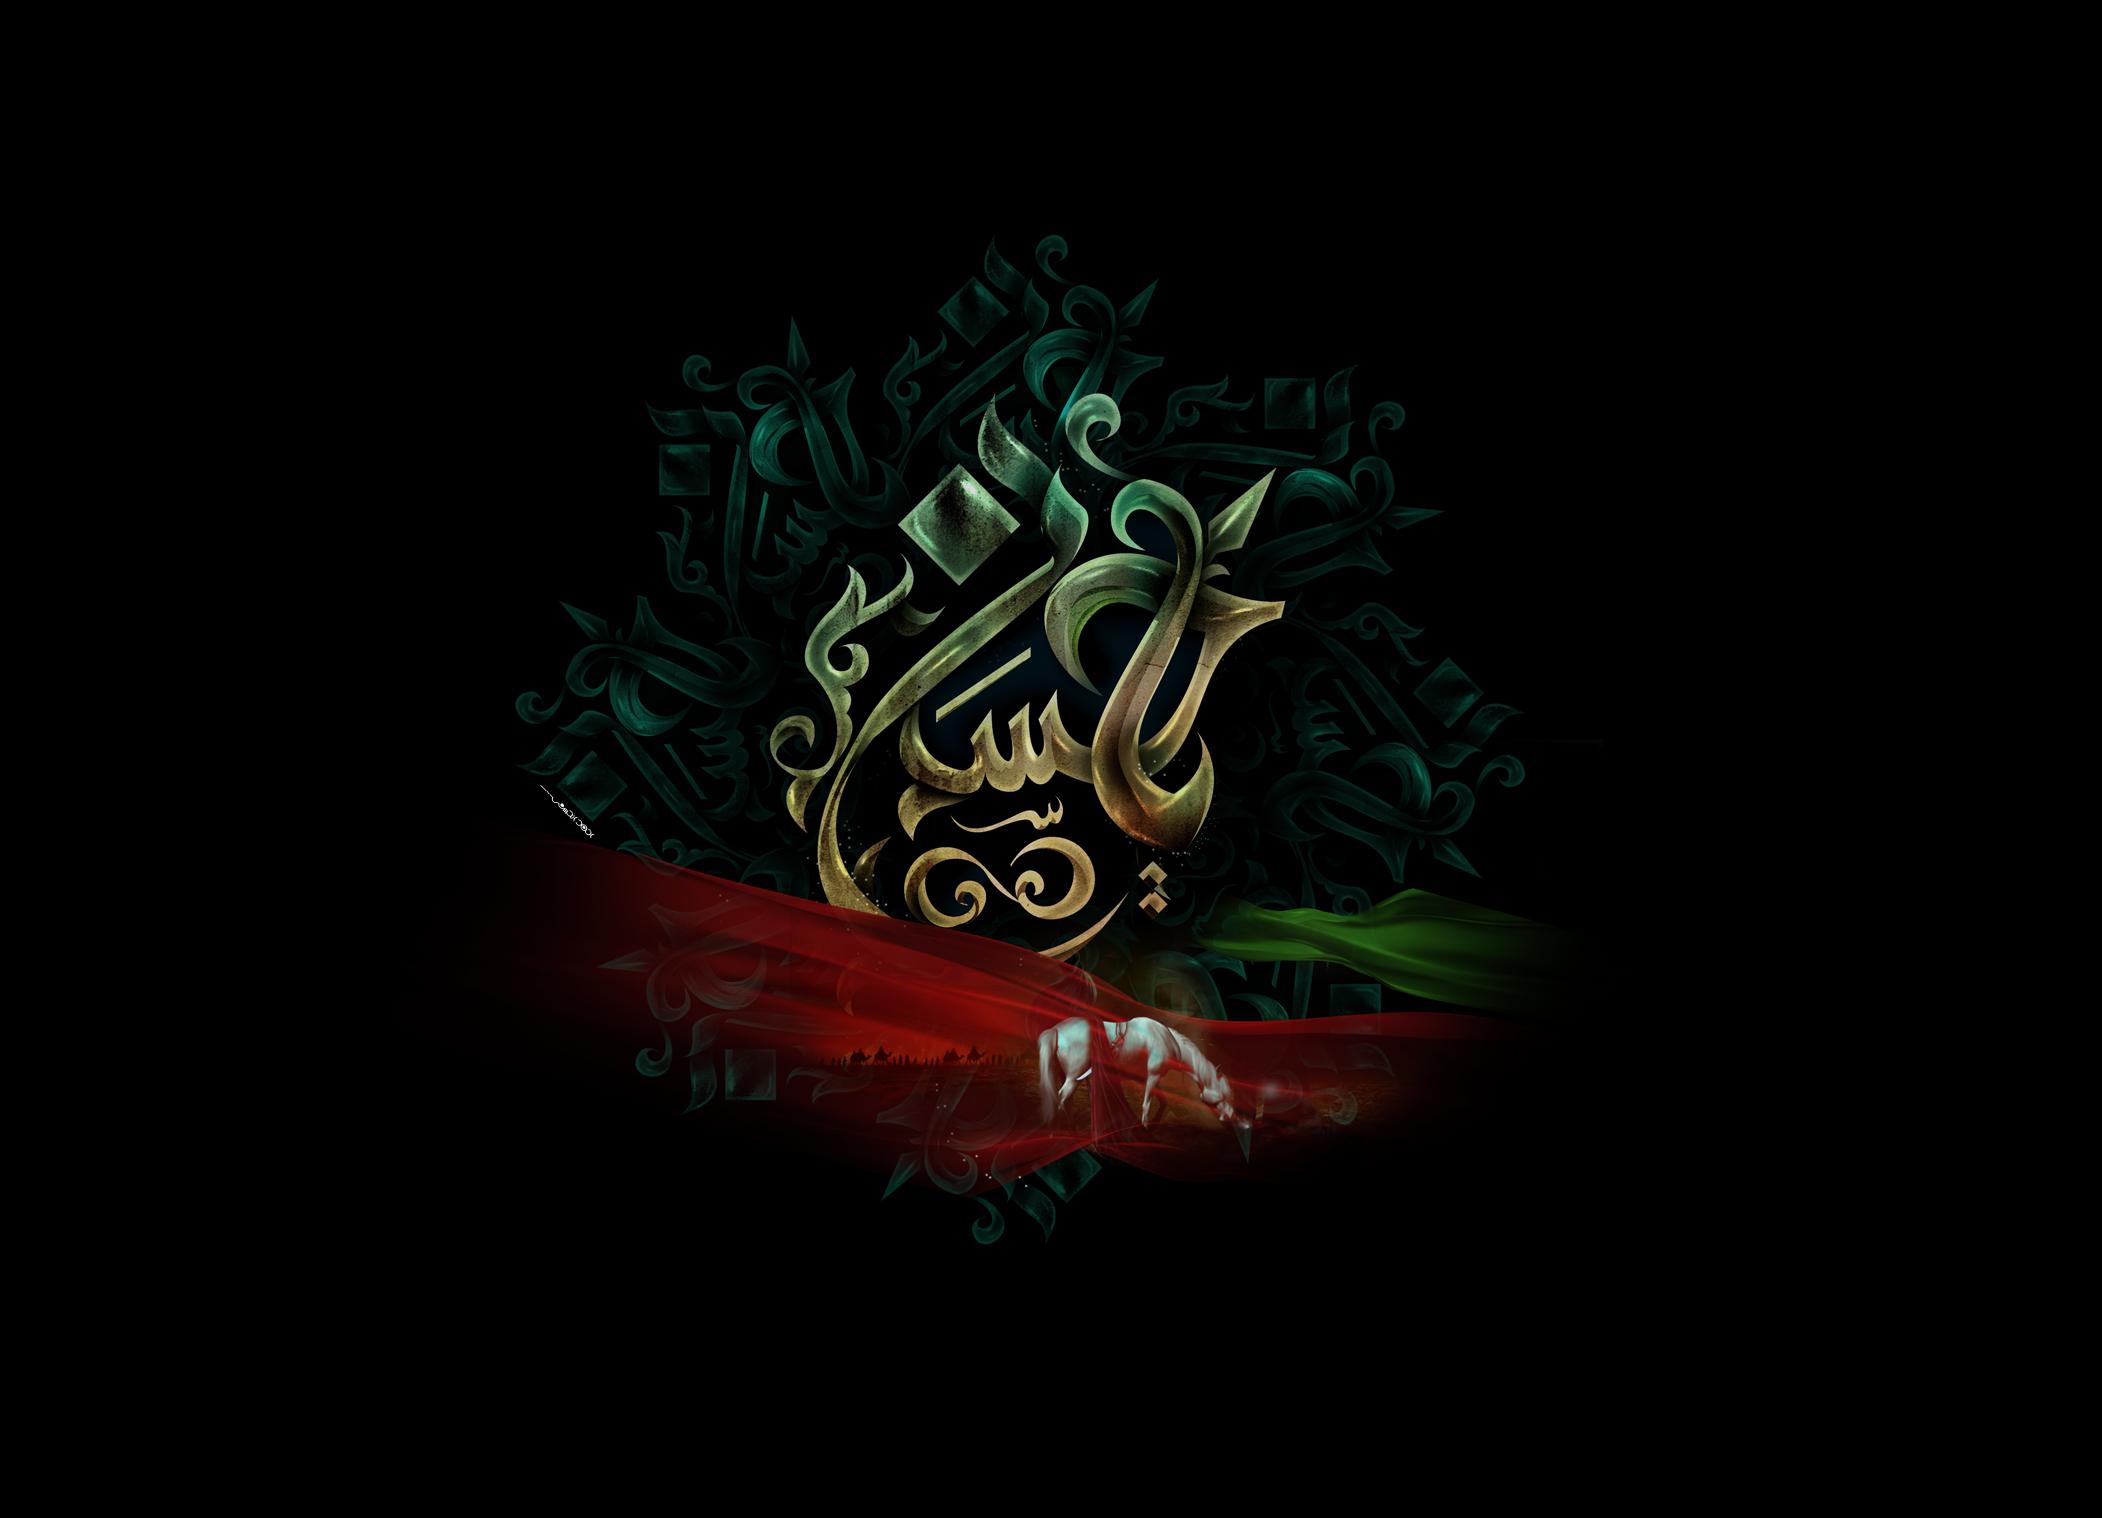 Ya Hussain By Ahmad Al Hasani On Deviantart